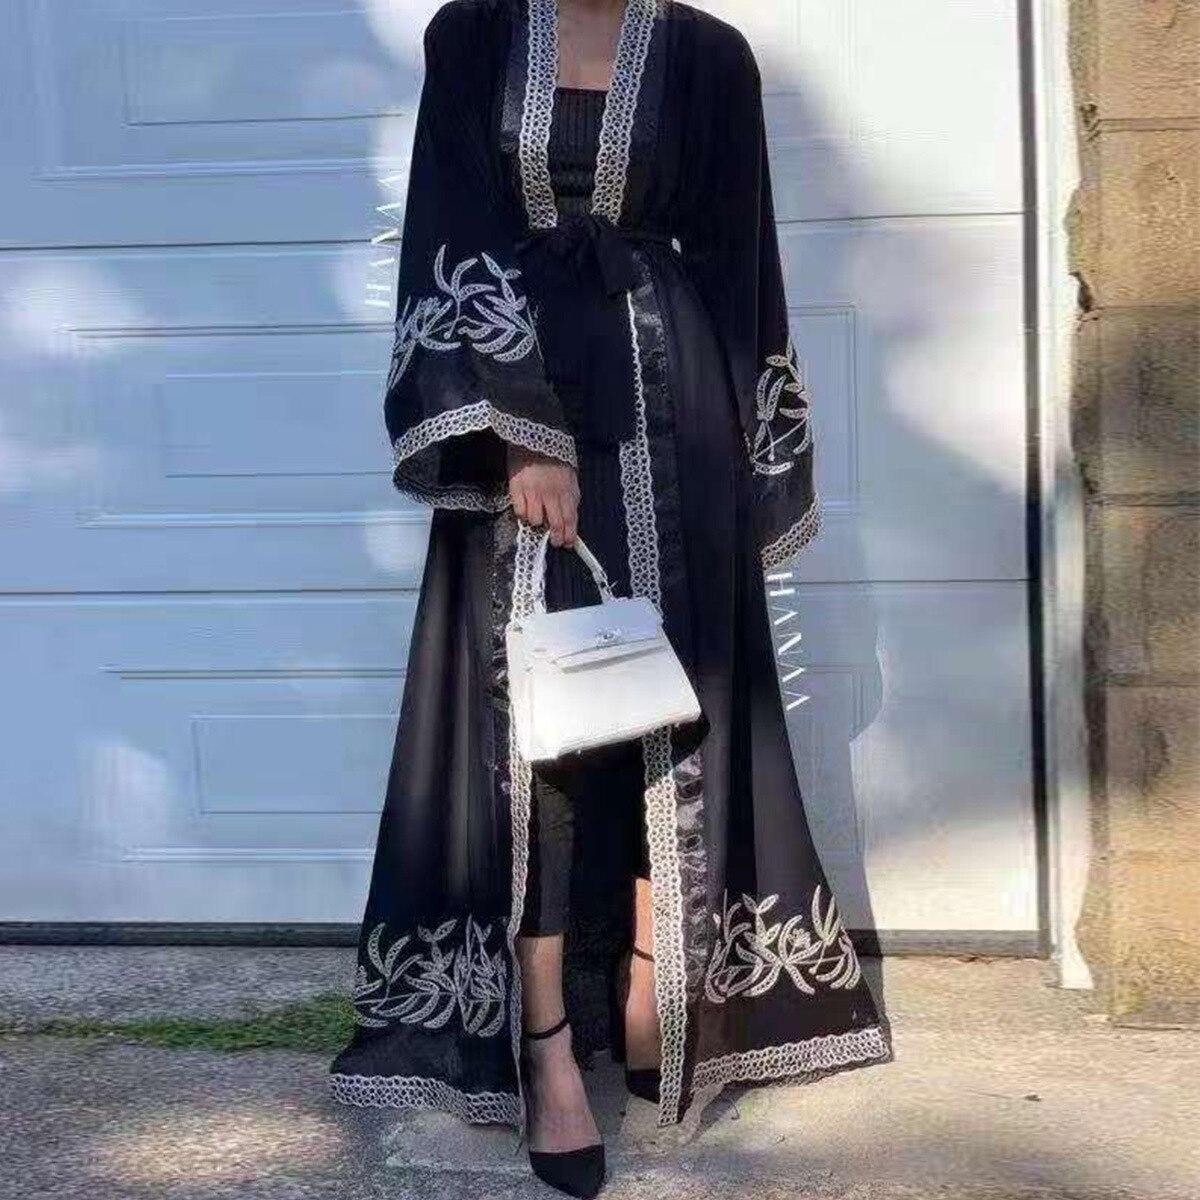 عباية-كارديجان مطرز بالدانتيل للنساء المسلمات ، عباية فاخرة ، مجموعة ربيع 2021 الجديدة